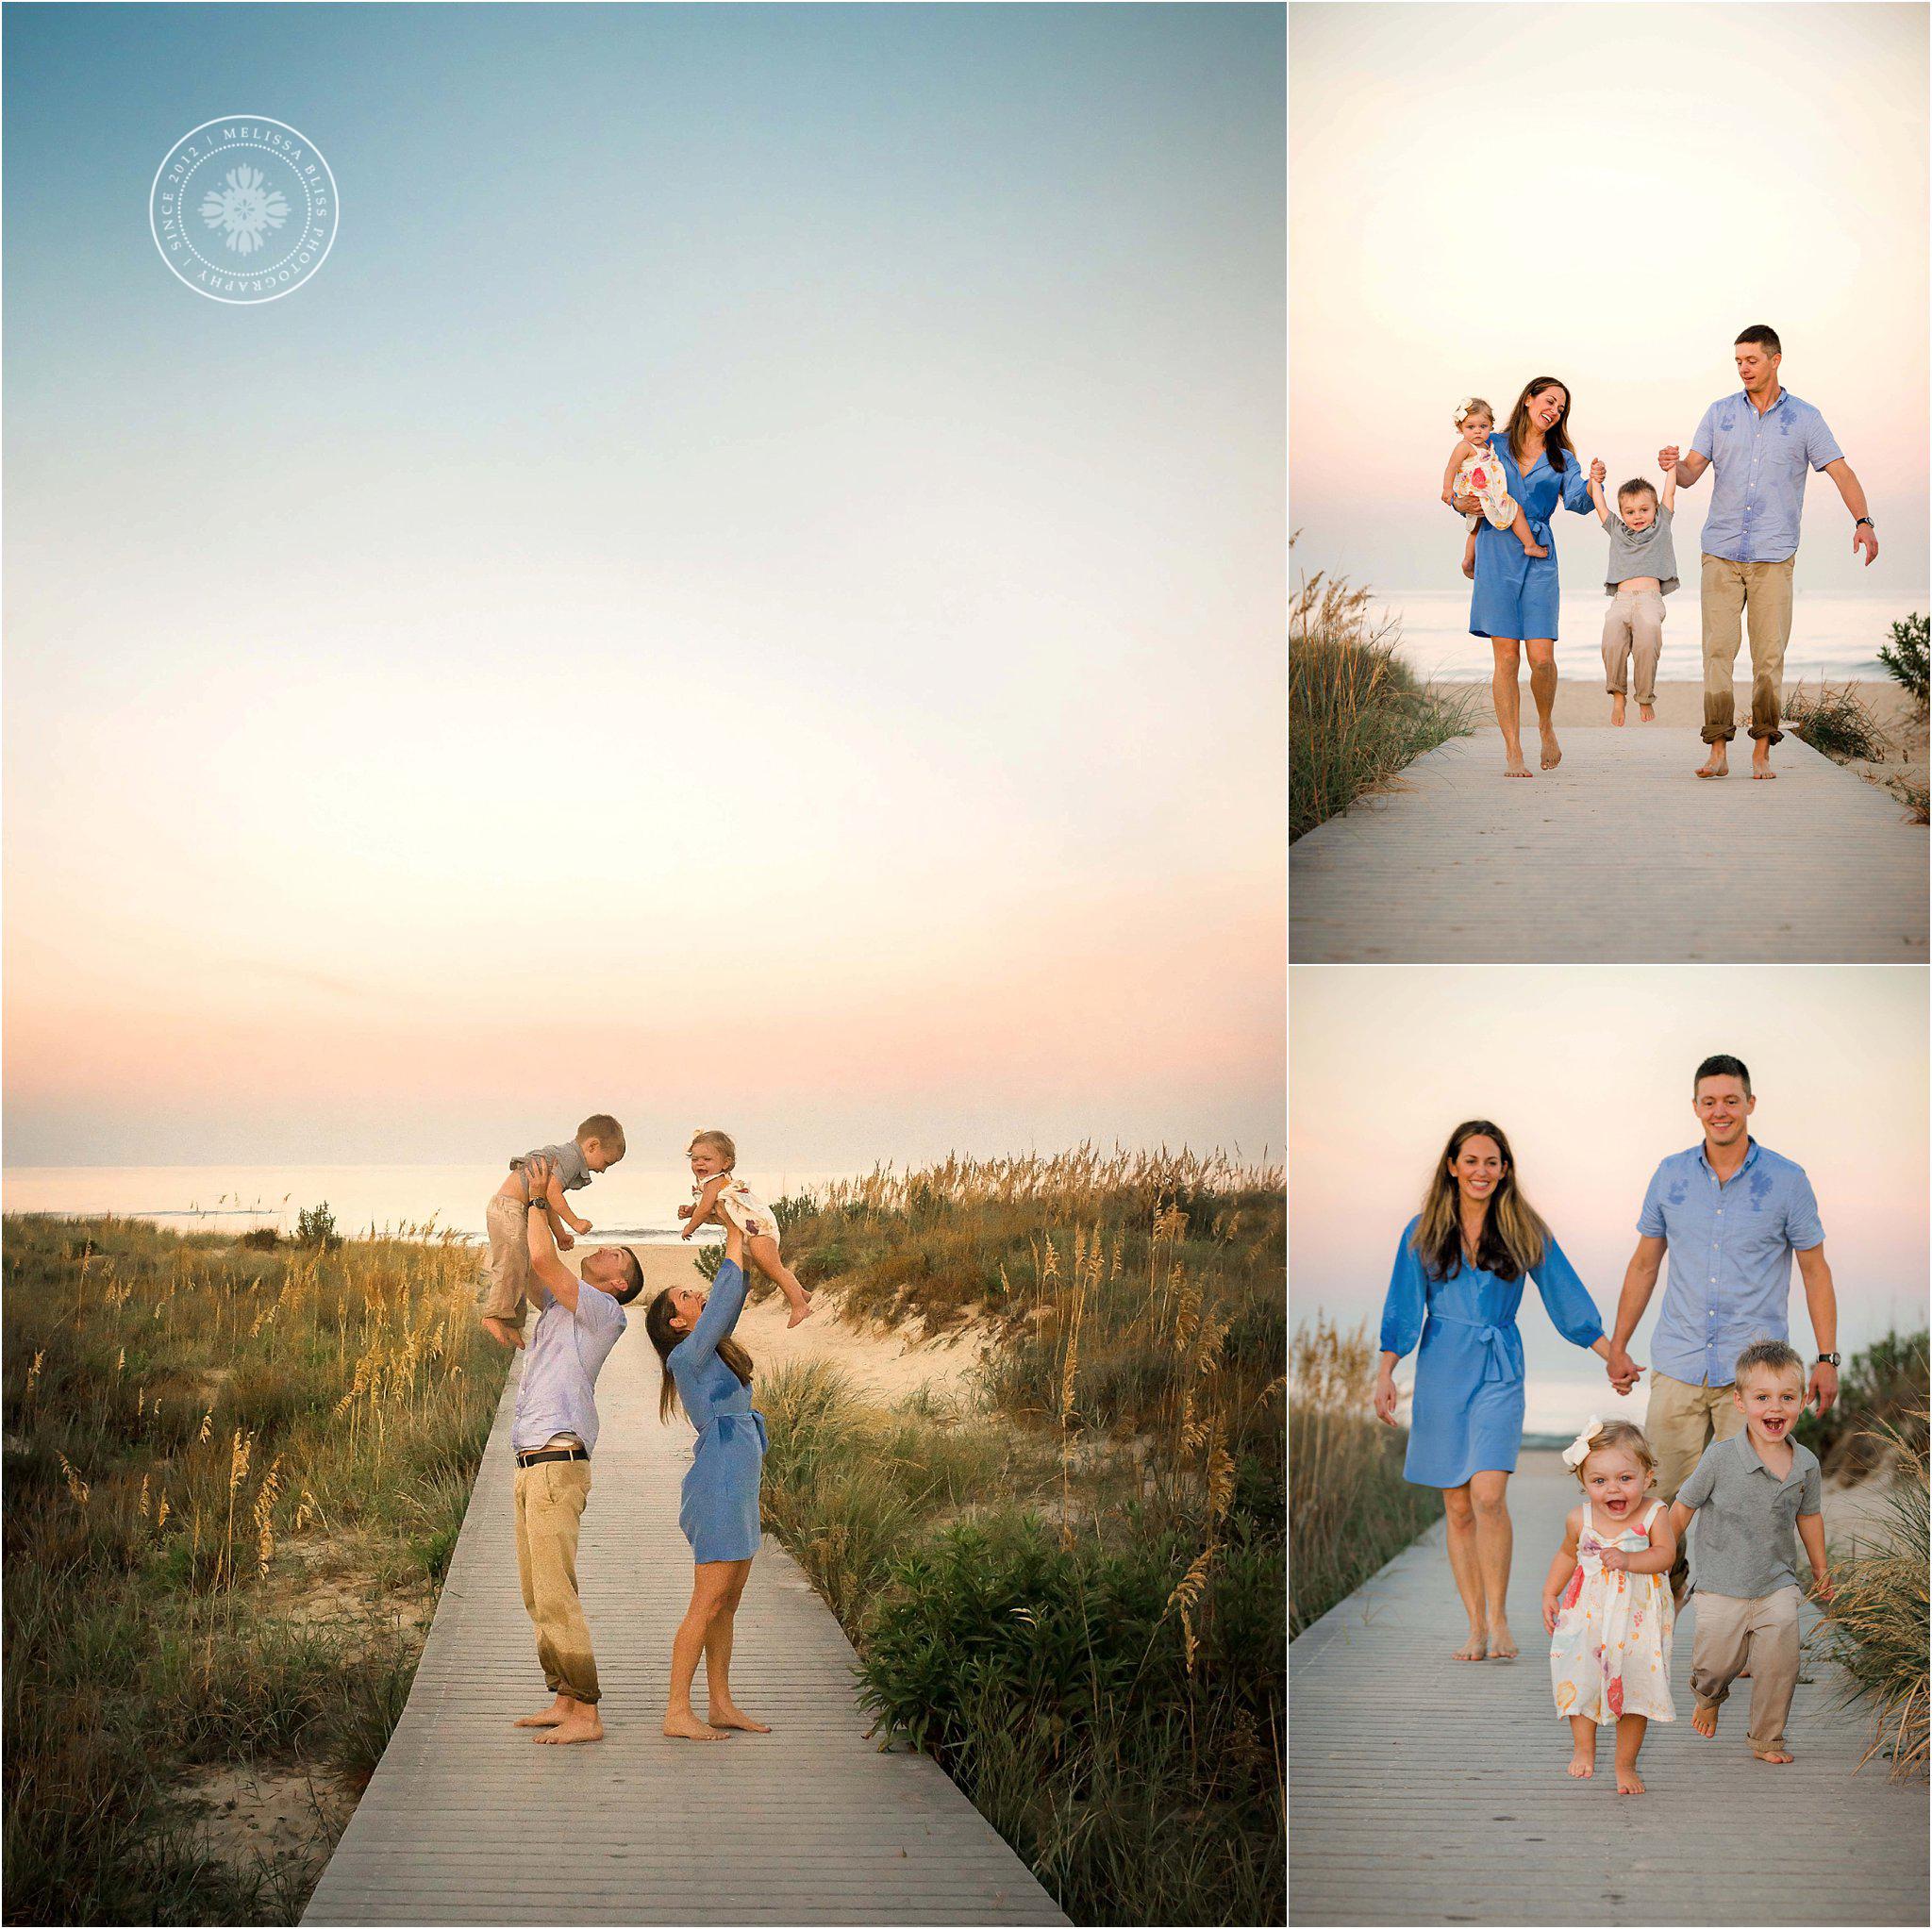 sandbridge-beach-virginia-beach-family-photographers-melissa-bliss-photography-beach-photos